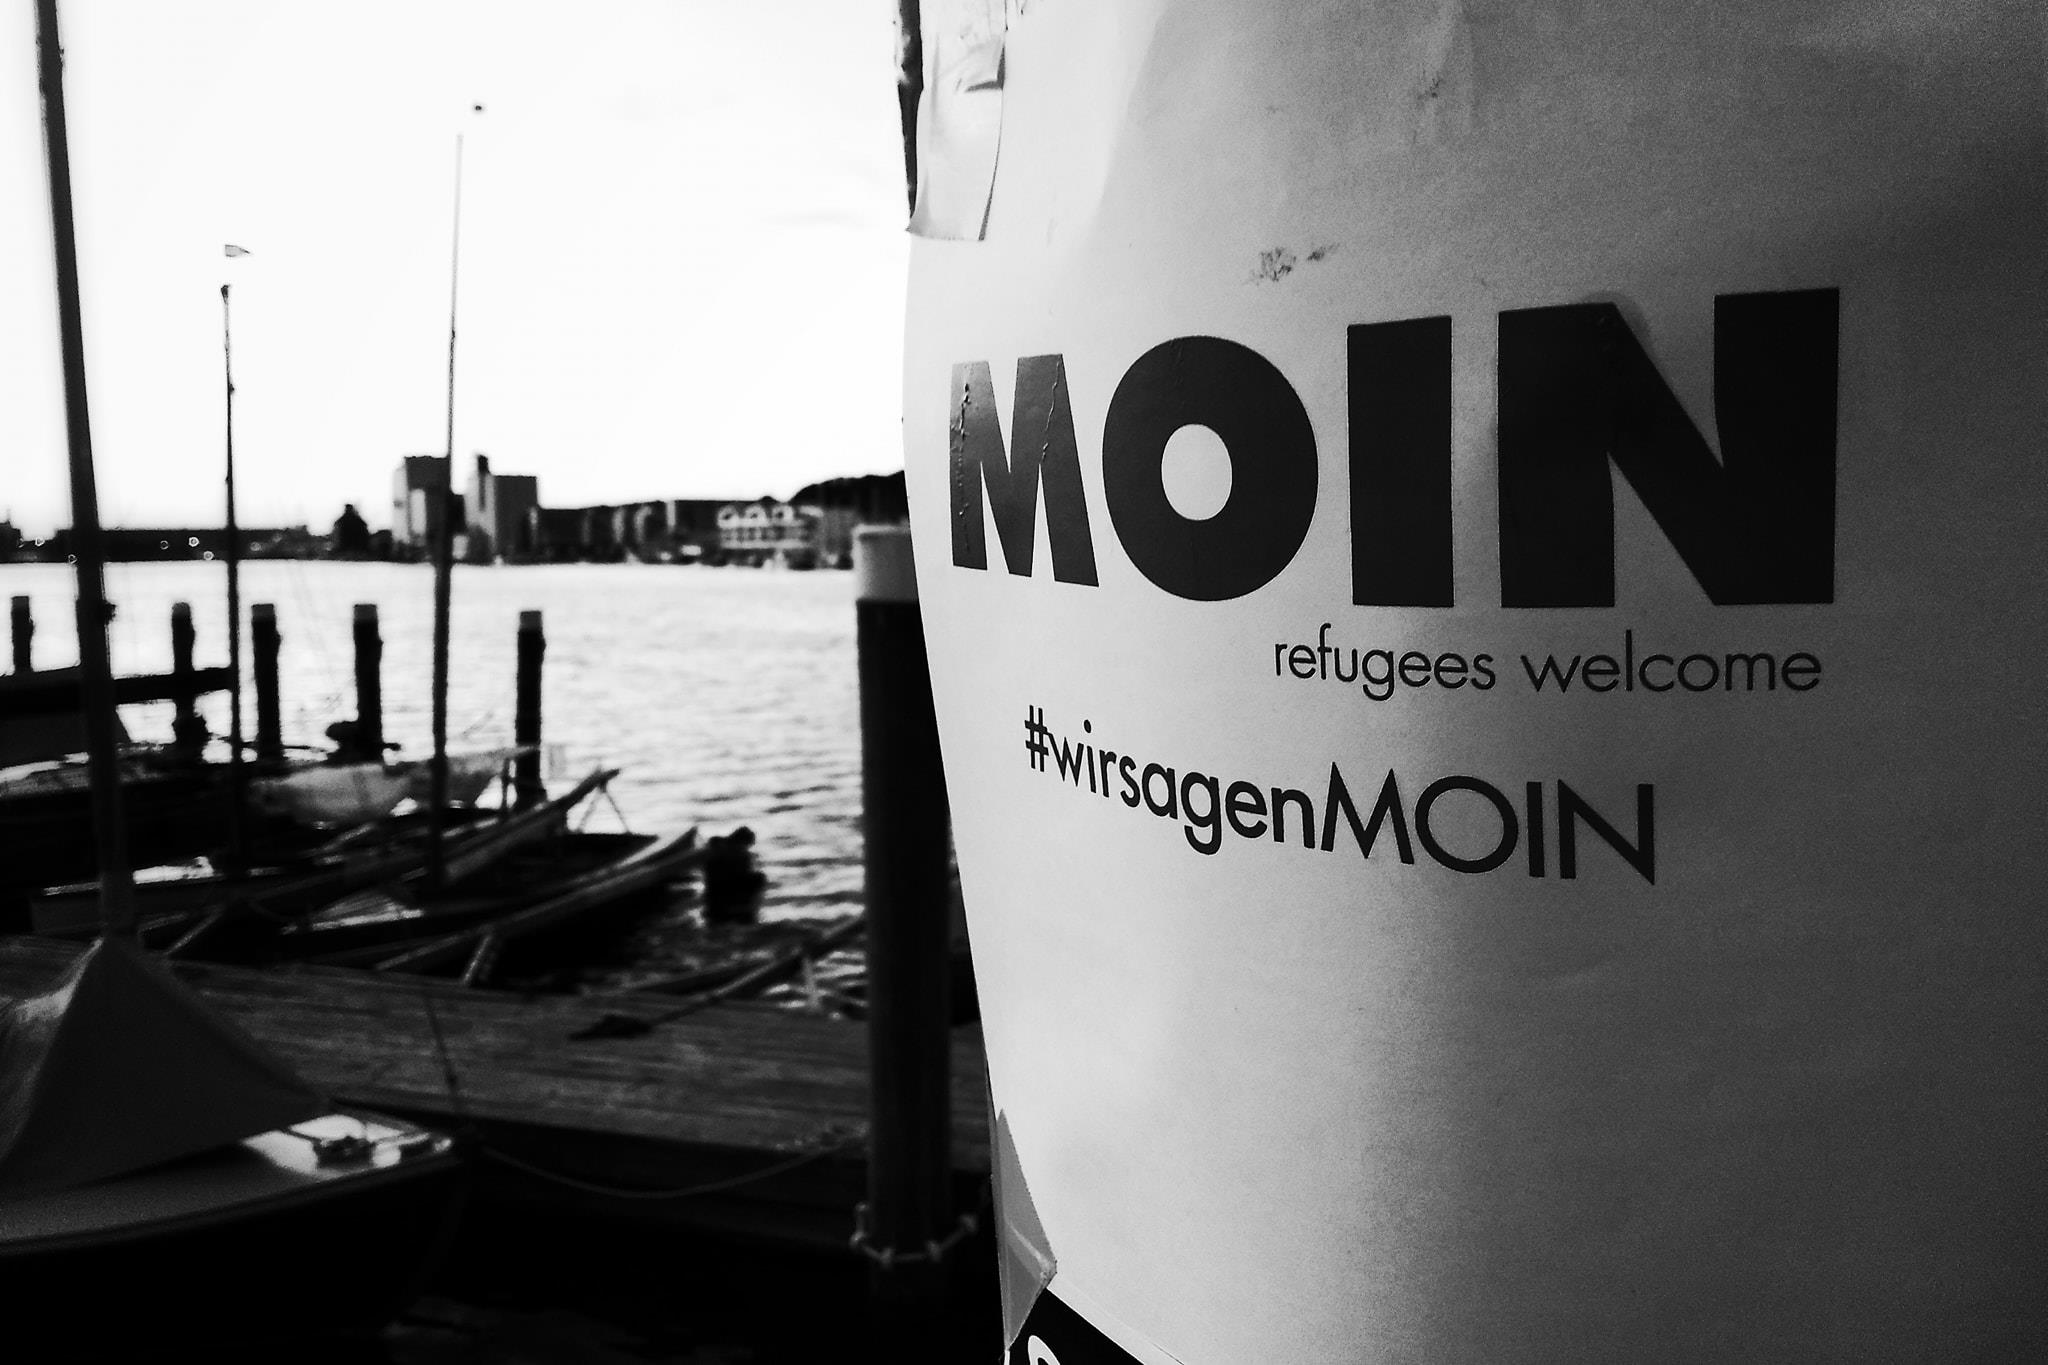 Wir sagen Moin. #refugees welcome